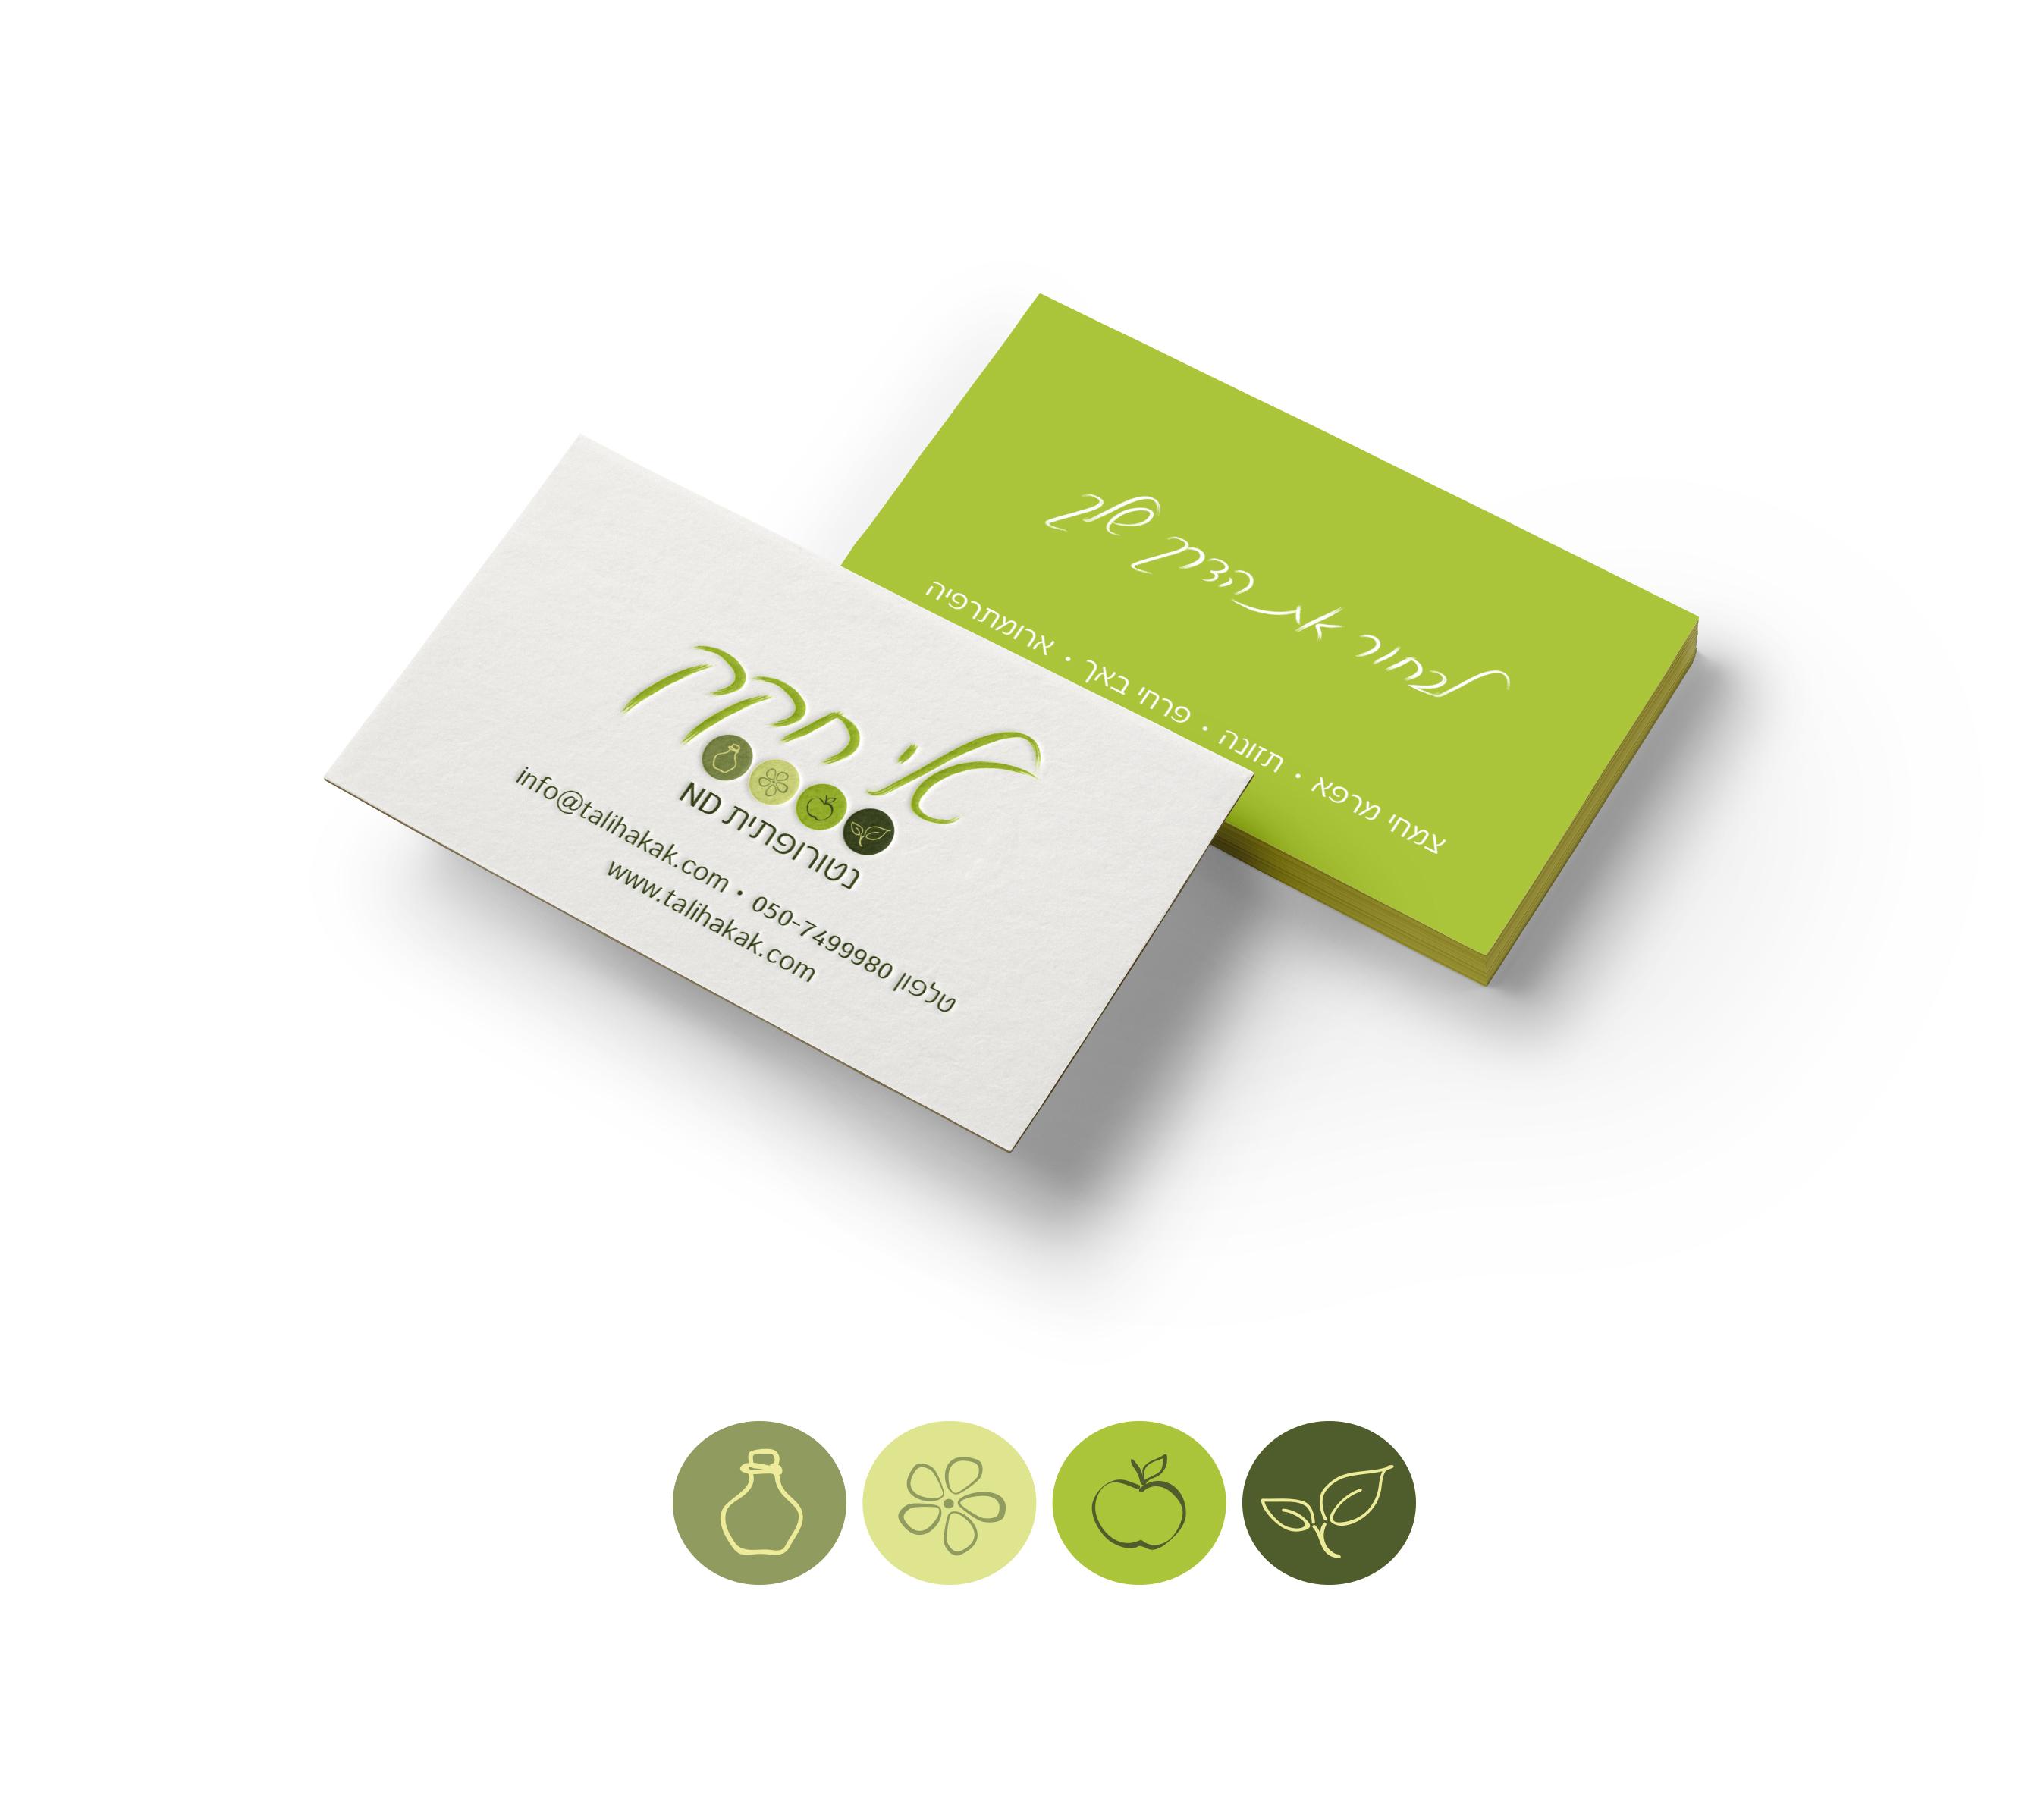 Tali-Card-Mockup